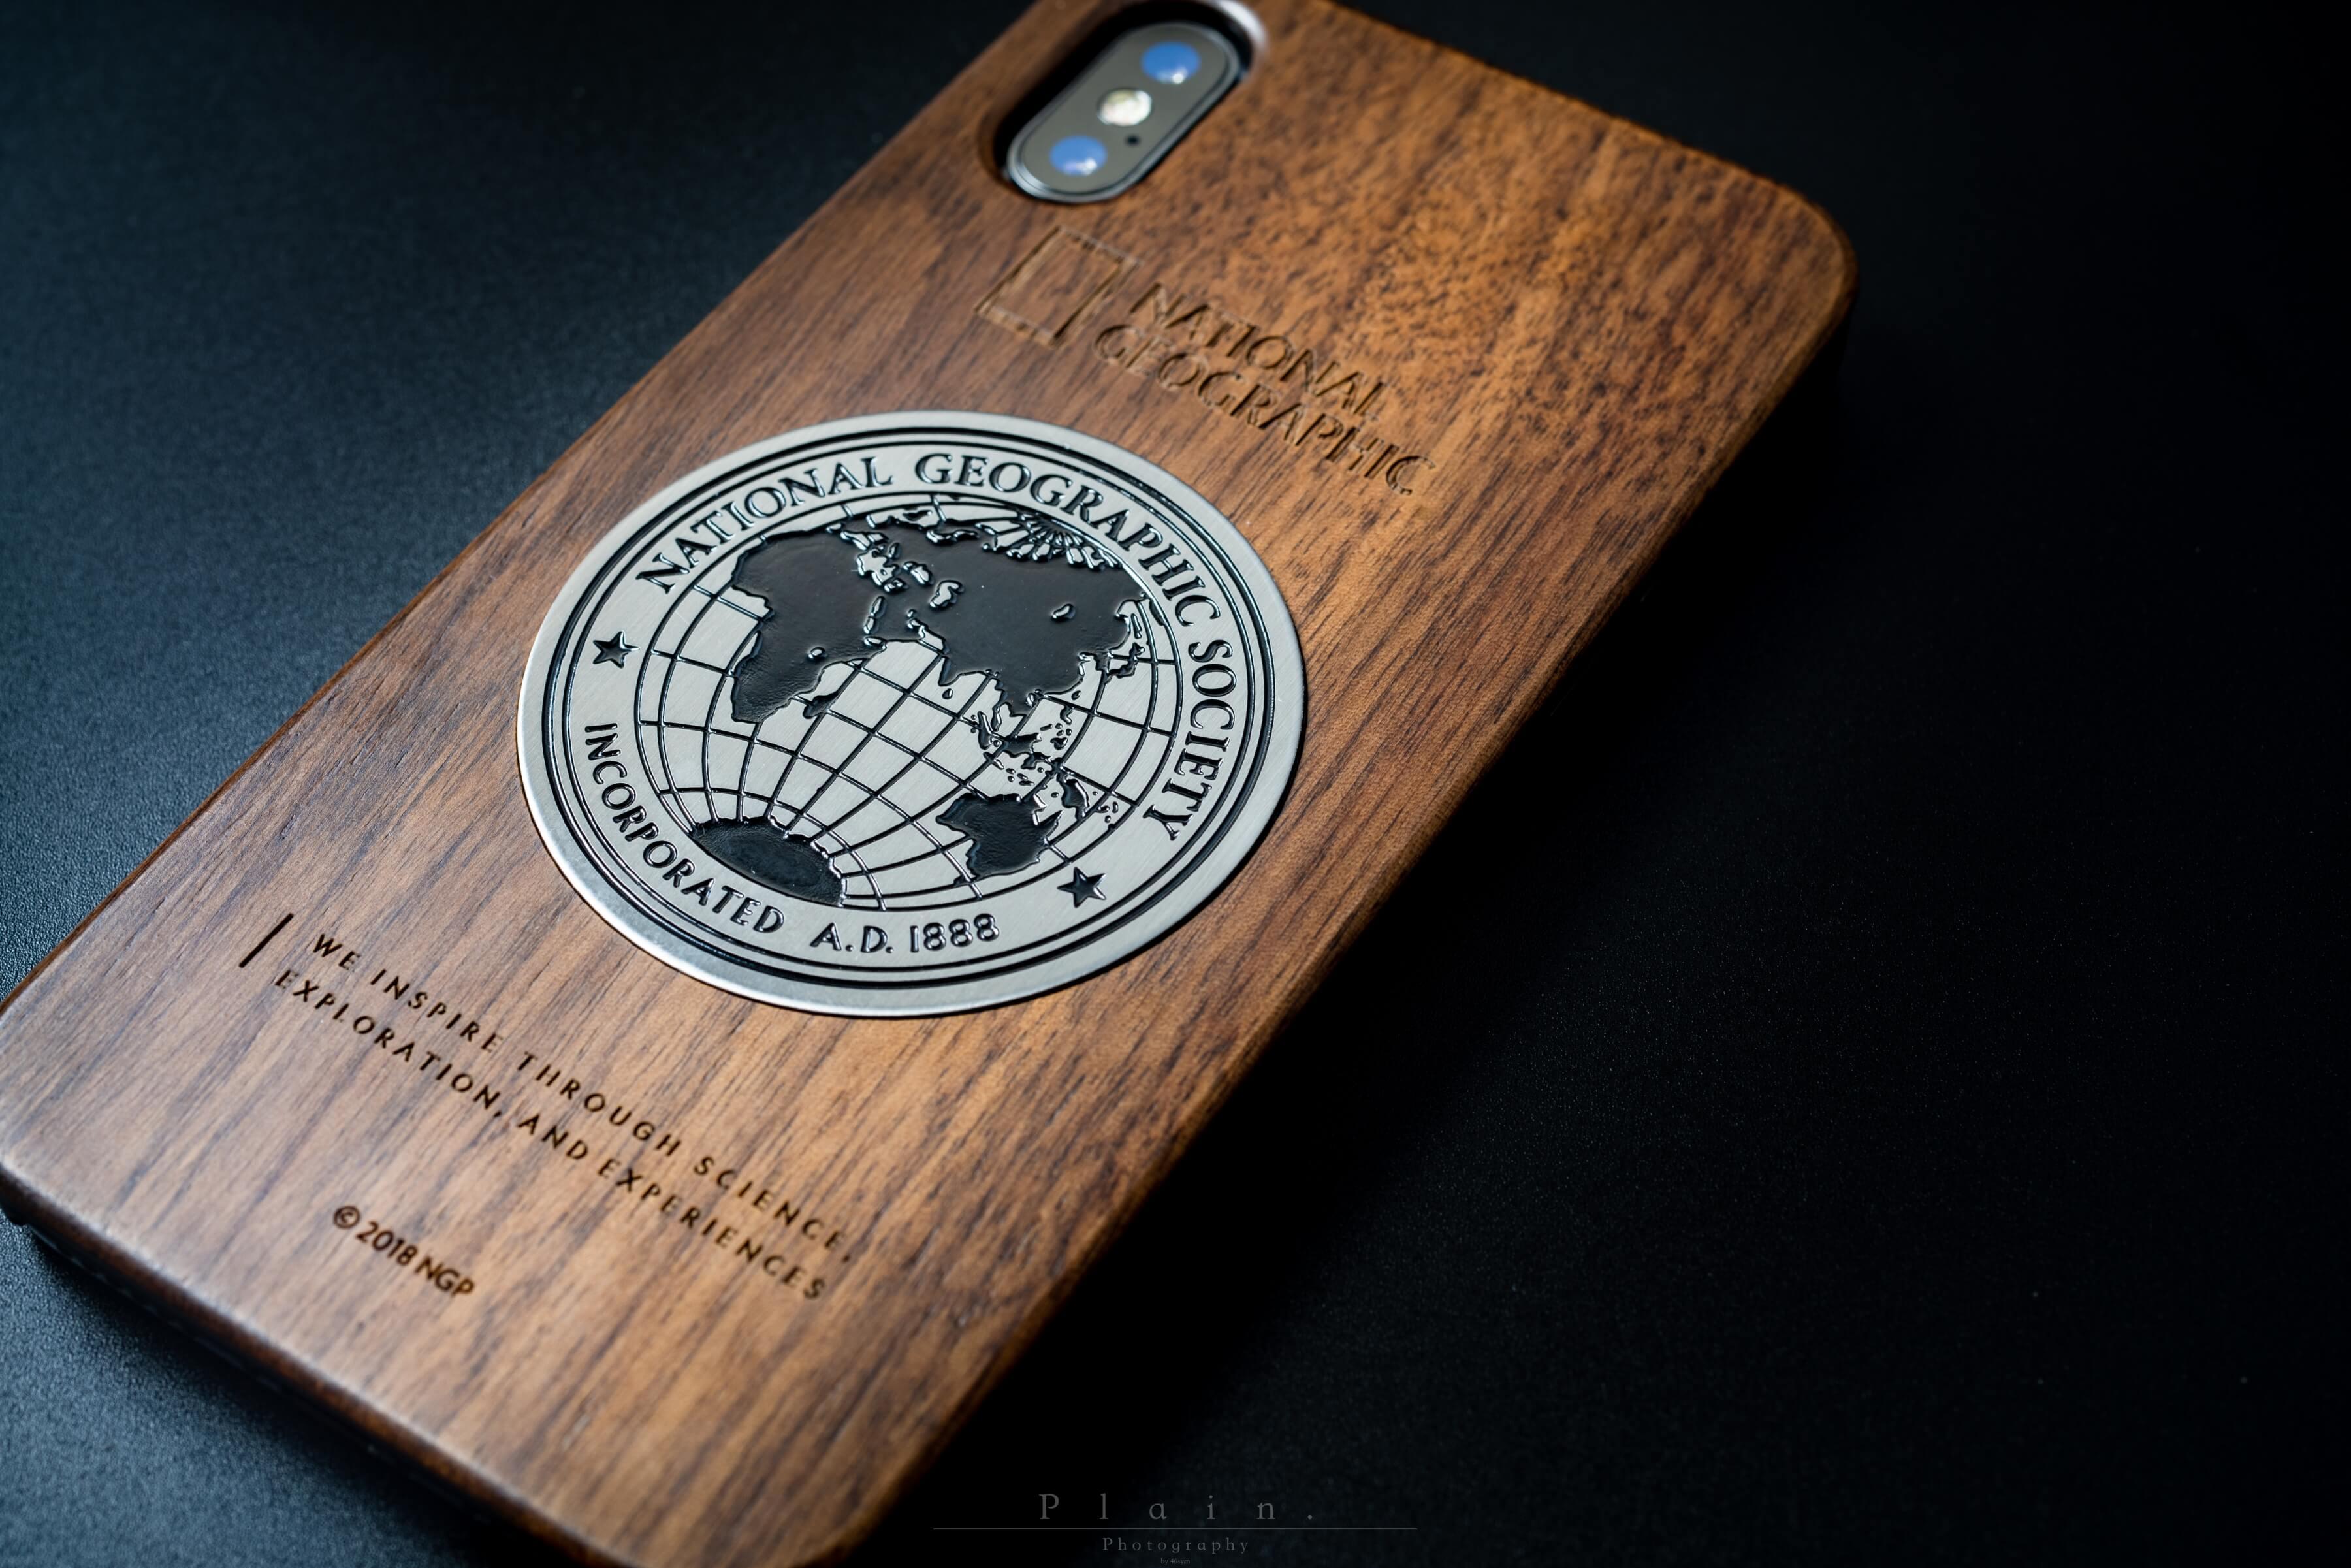 ナショジオのiPhone X/XS用の木製ケースがすごくおしゃれでかっこいい